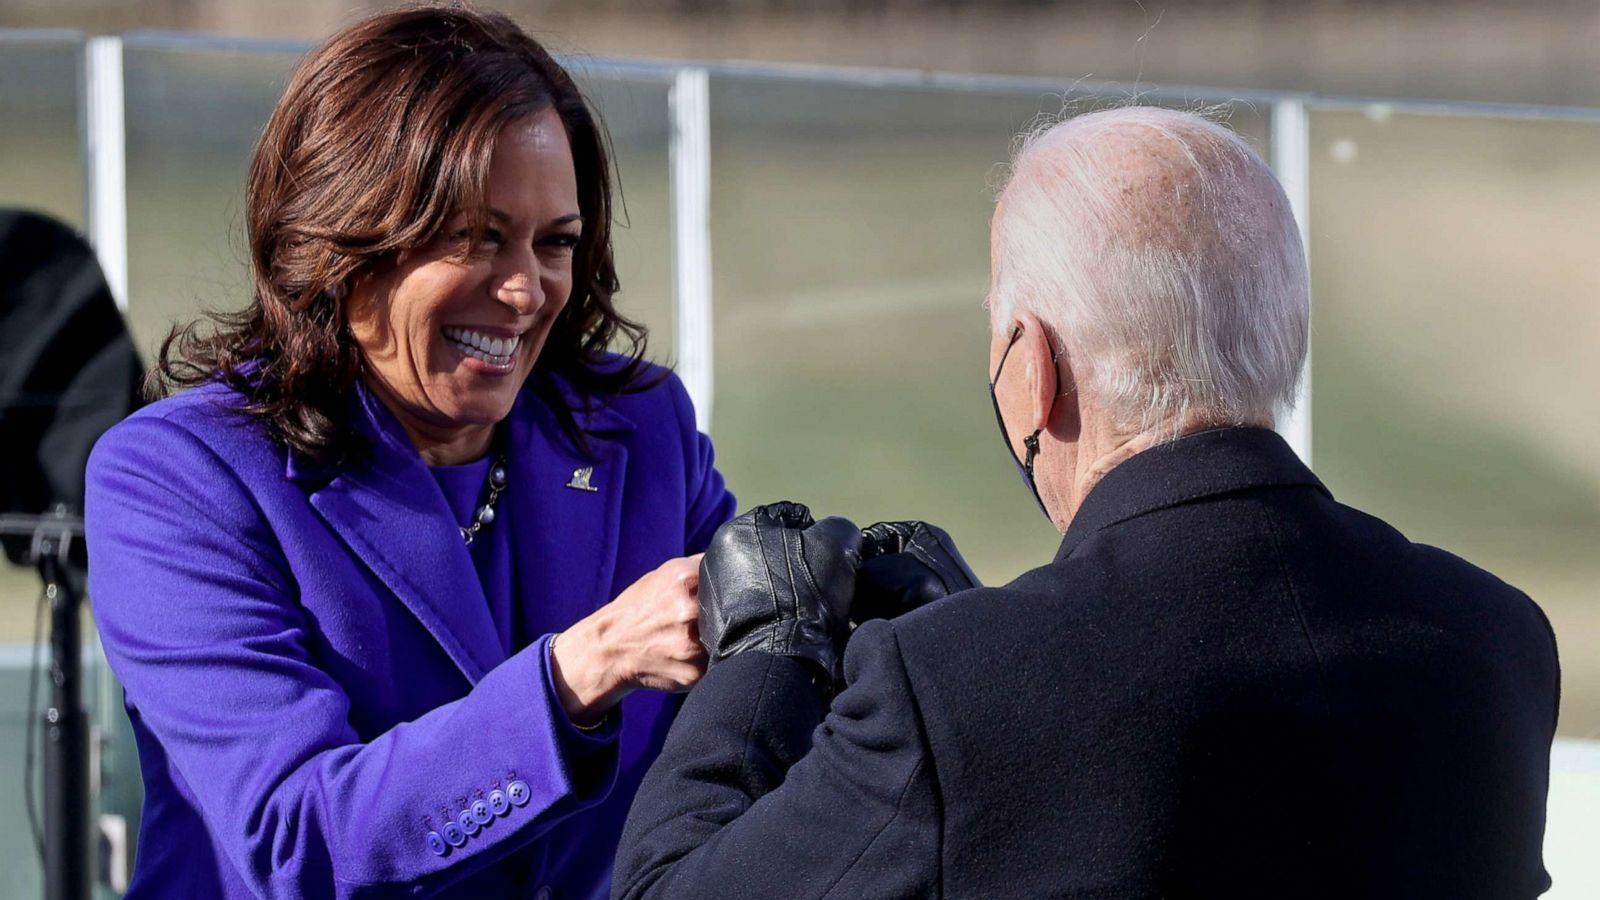 Biden Unable to Handle His Job, Hands Things Over to Kamala